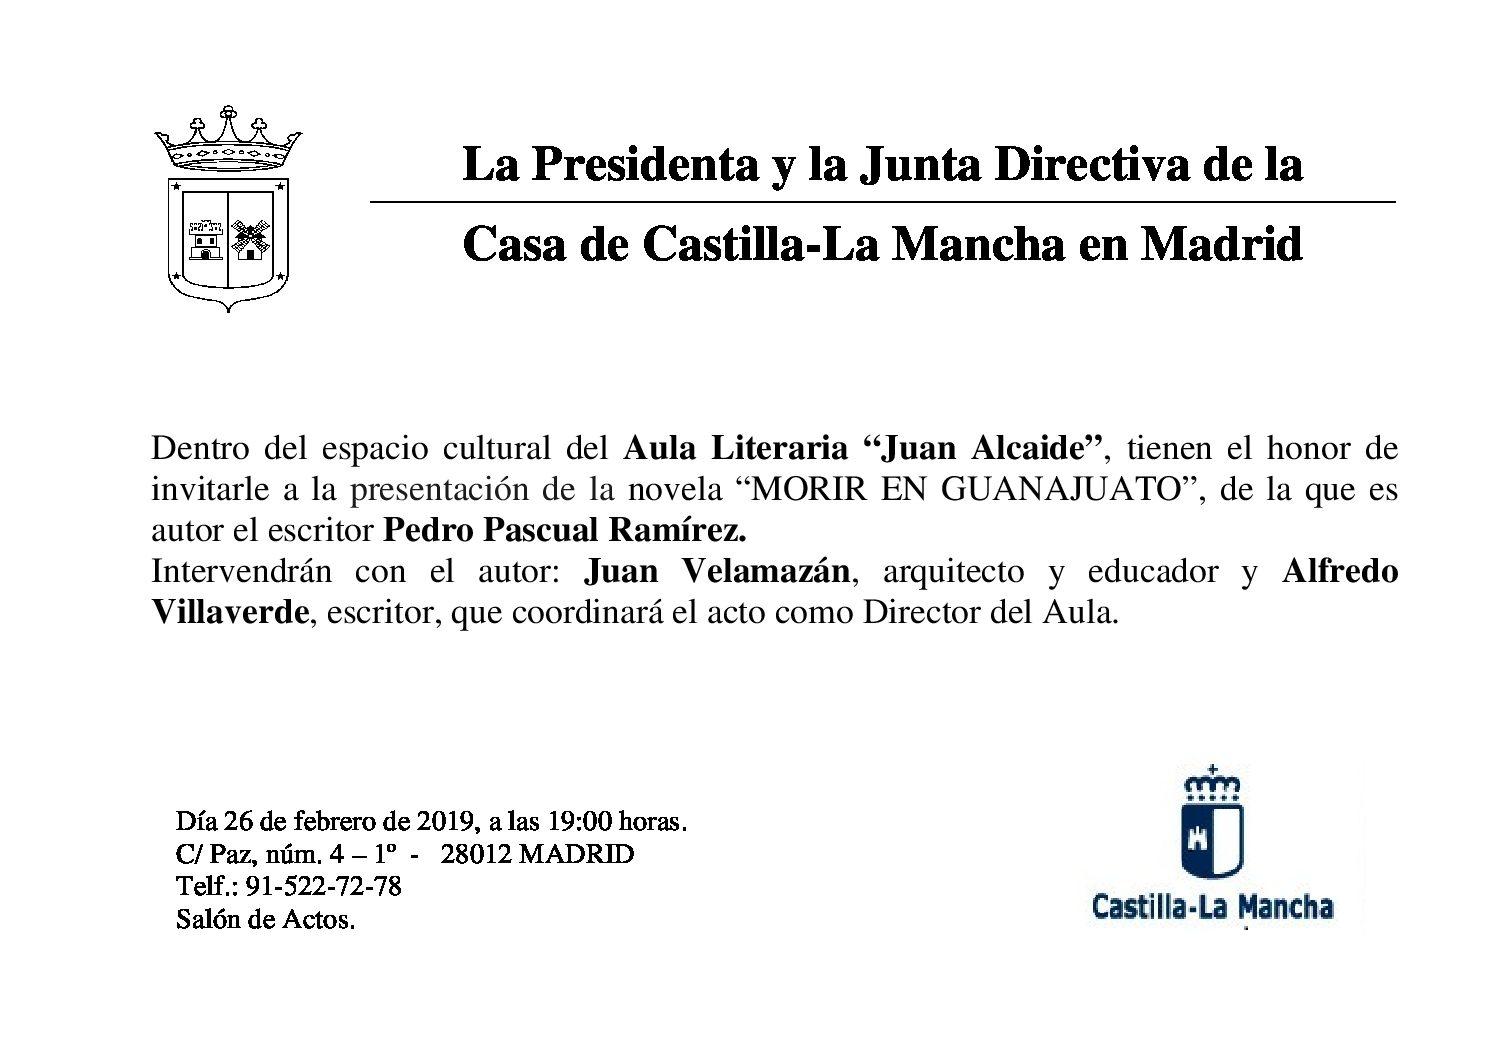 """Aula Literaria """"Juan Alcaide"""", tiene el honor de invitarle a la presentación de la novela """"MORIR EN GUANAJUATO"""", del escritor Pedro Pascual Ramírez. (Casa Castilla La Mancha Madrid, 26/3/19, 19 horas)"""